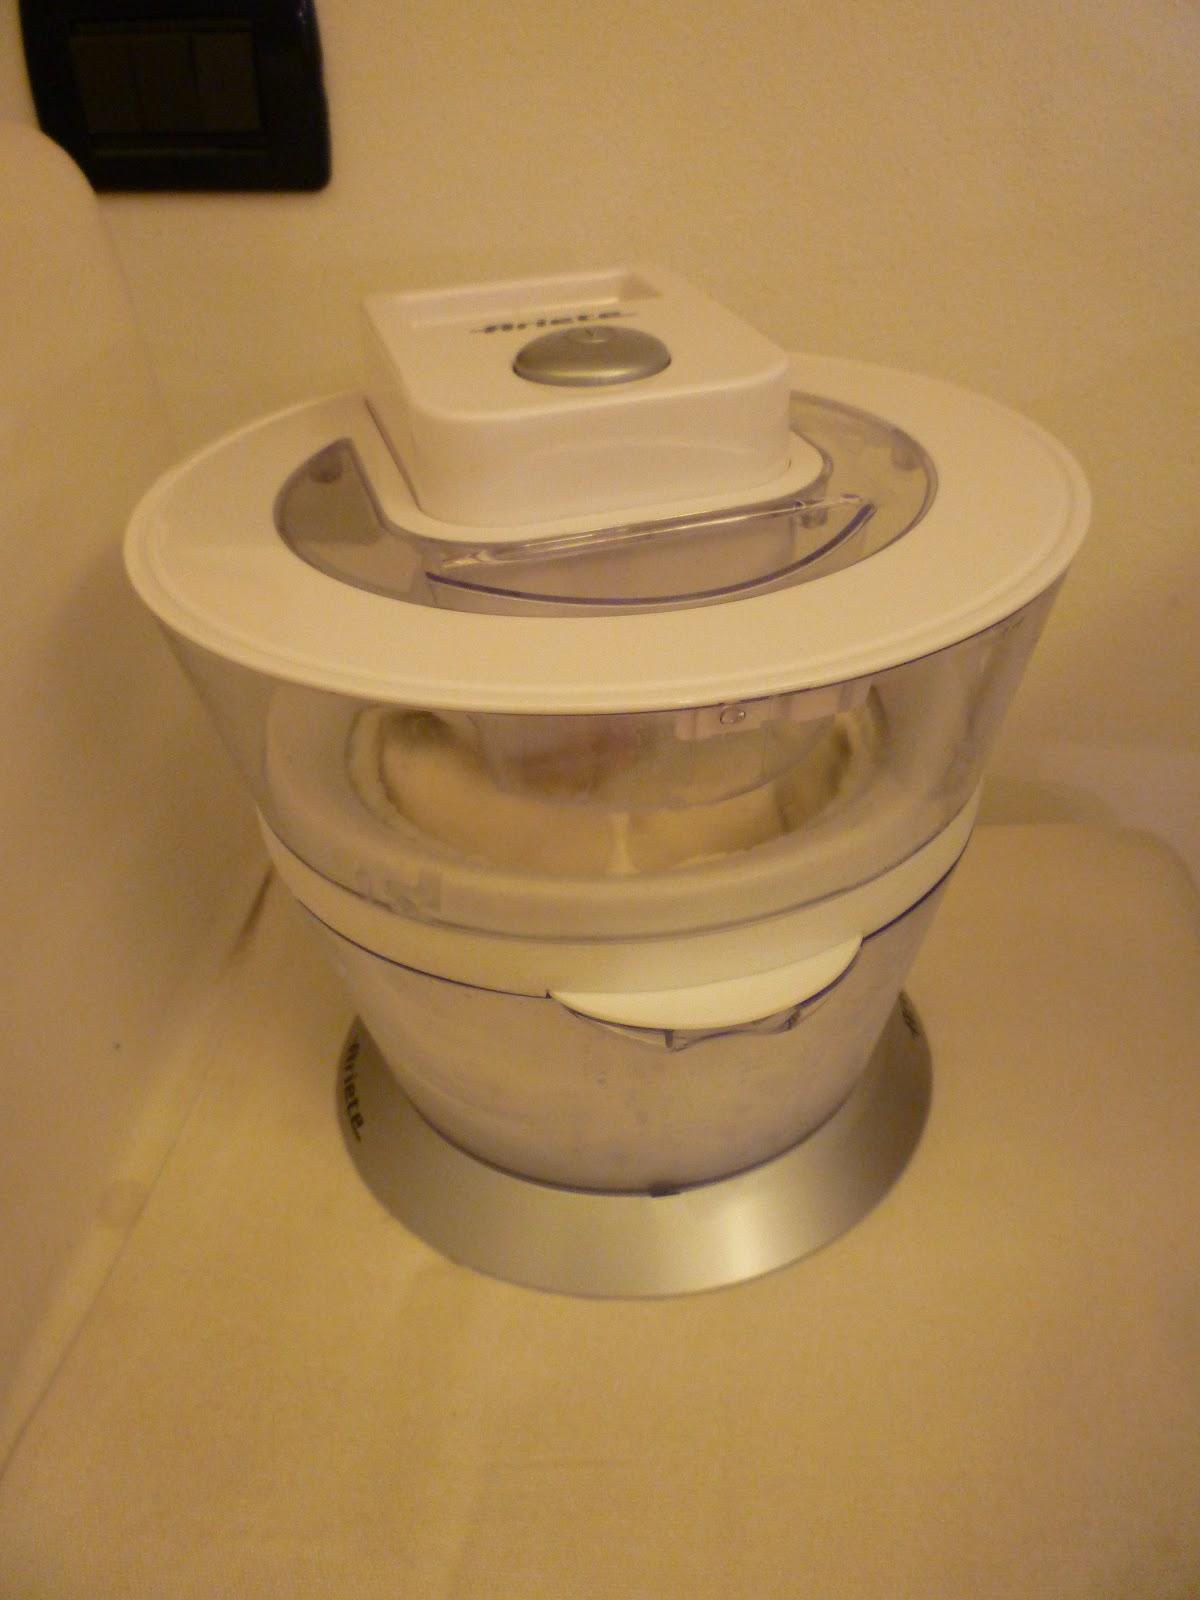 Pots pans la macchina del gelato - Macchina per il gelato in casa ...